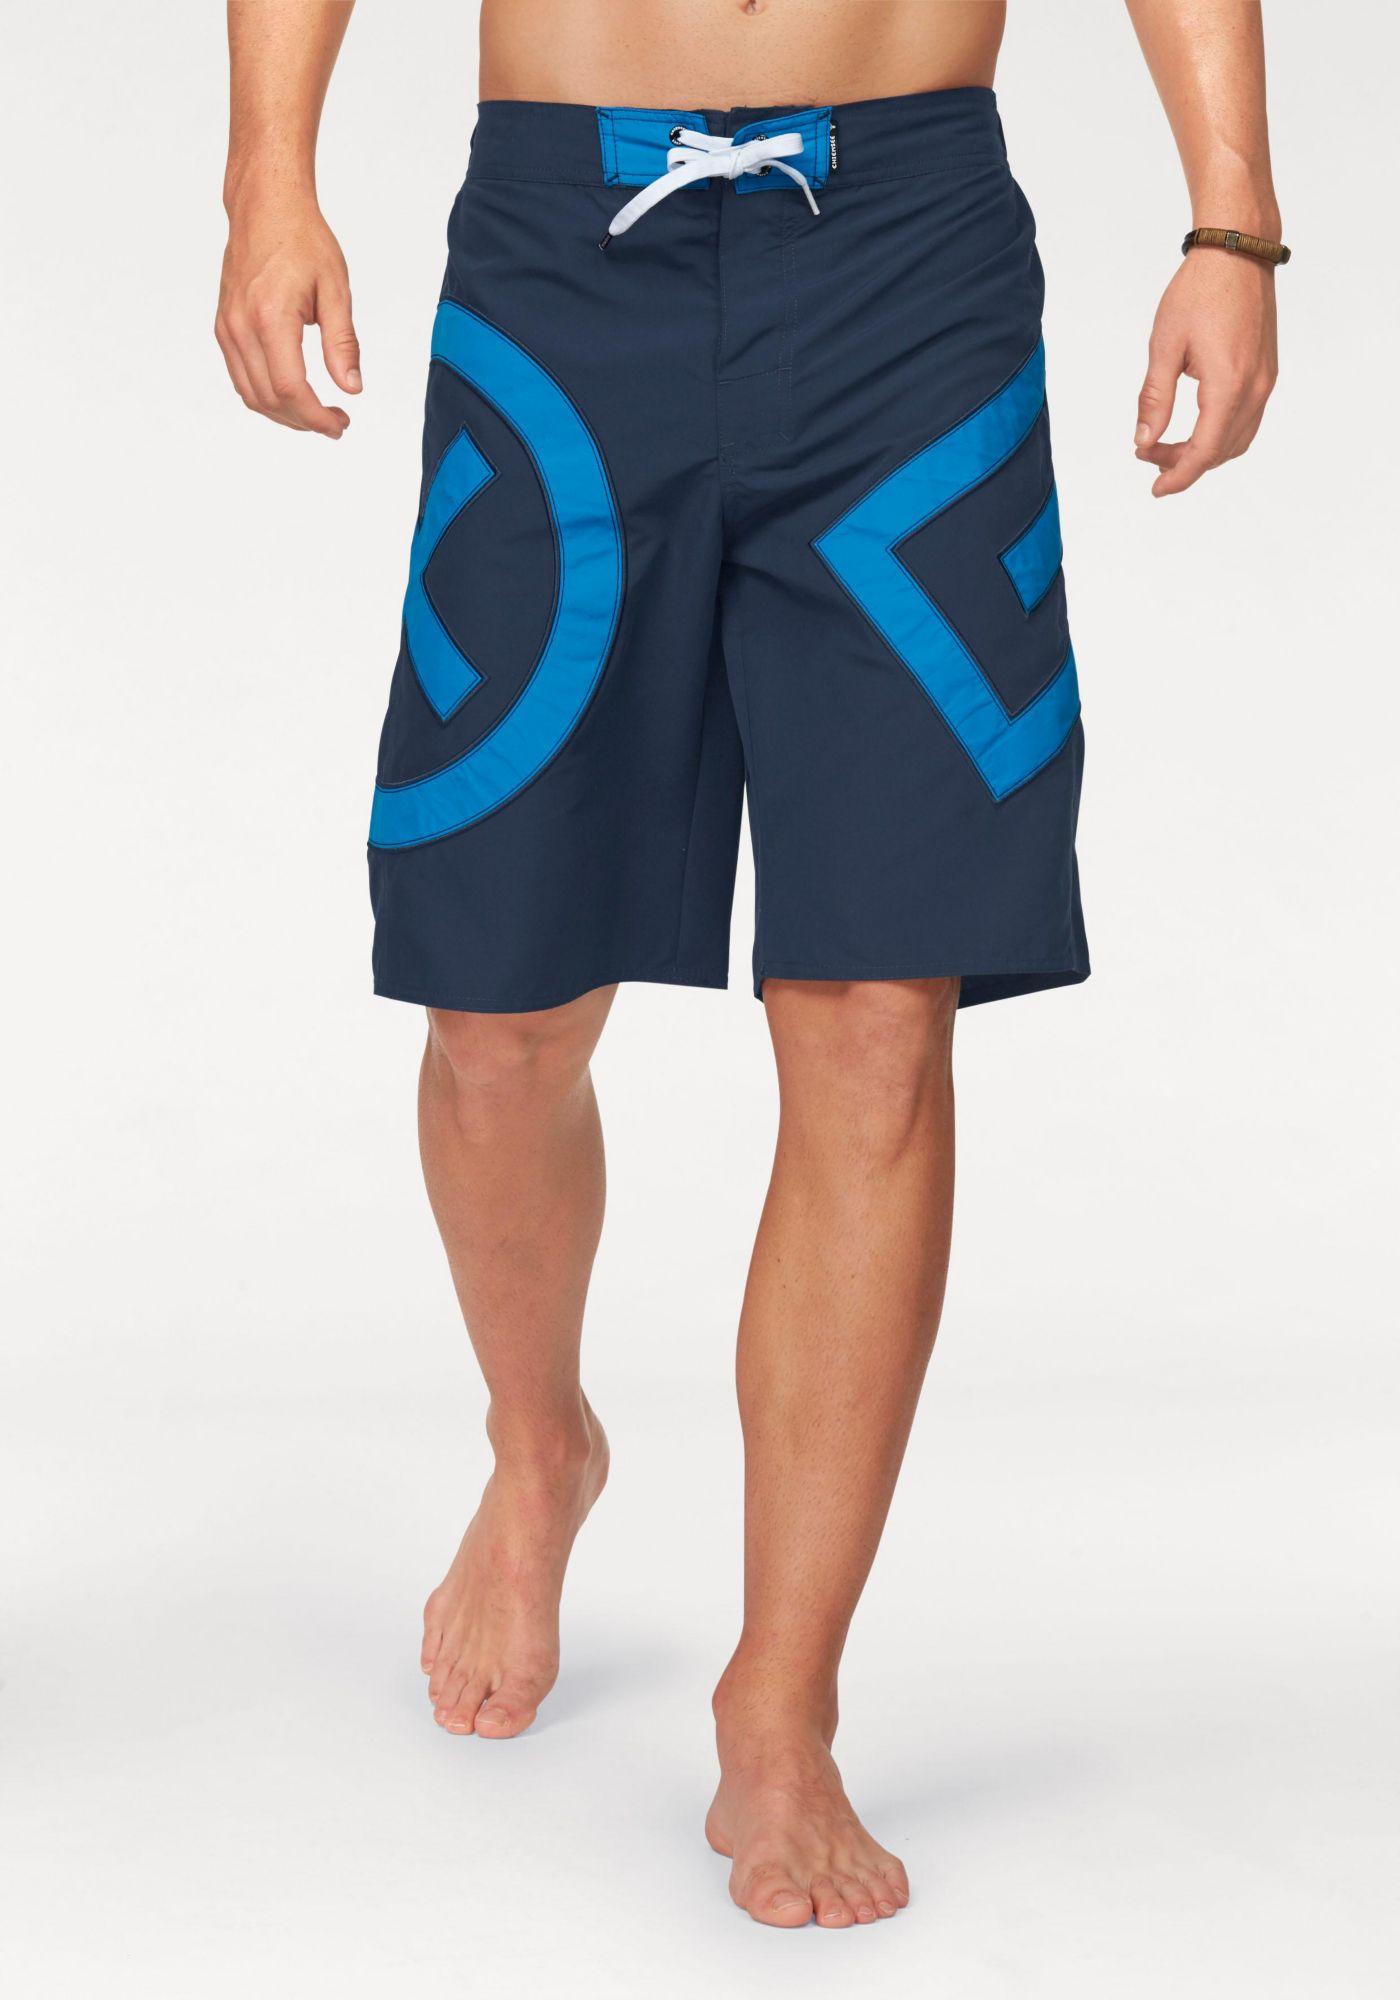 CHIEMSEE Chiemsee BAKER Shorts